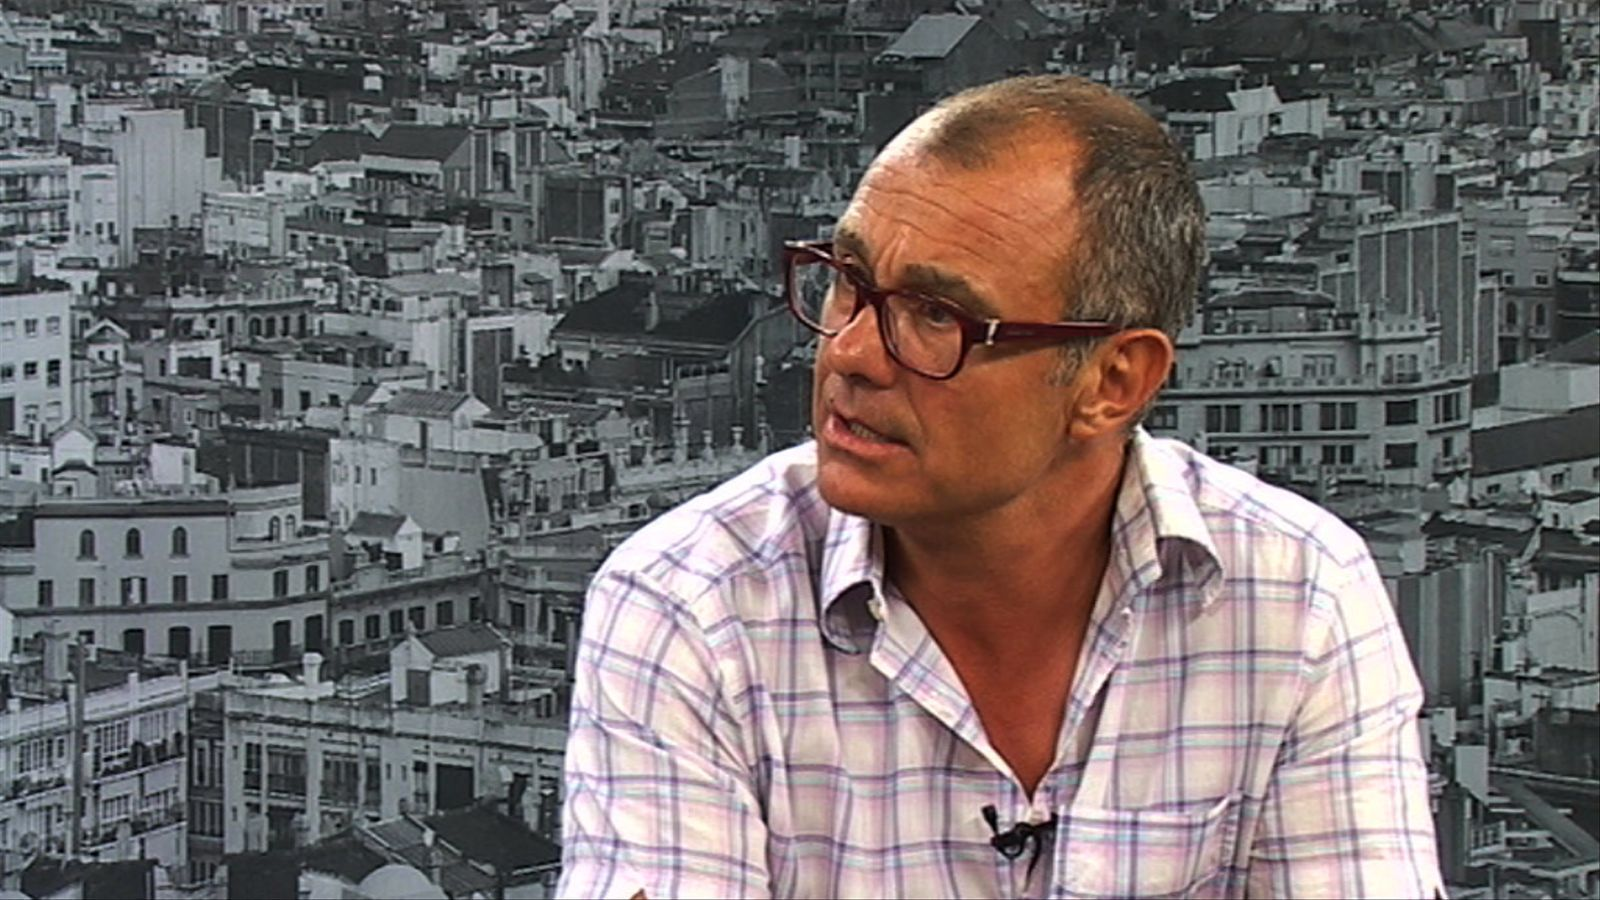 """Joan Tubau: """"Les guerres estan trencant els espais de seguretat que fins ara preservaven els innocents"""""""